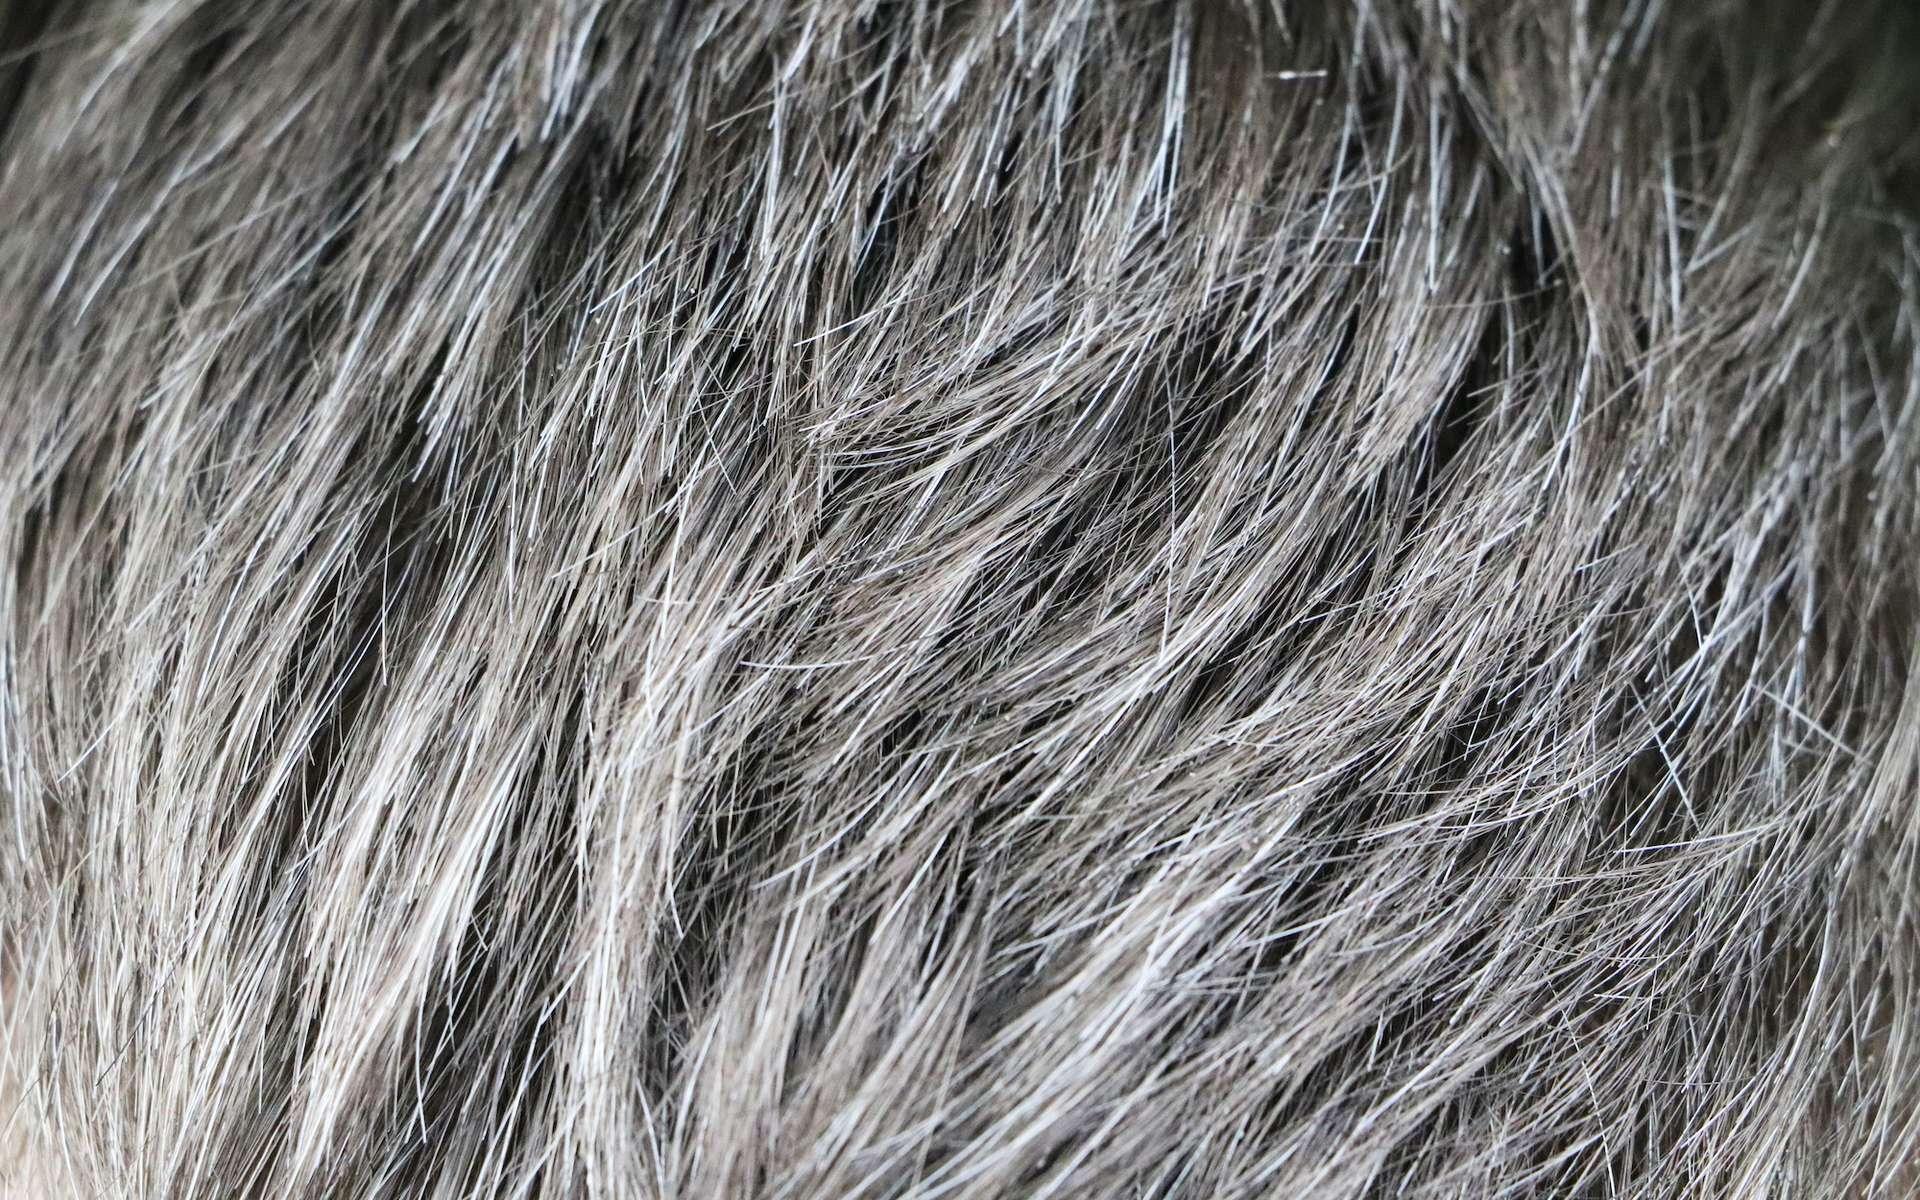 Oui, le stress favorise l'apparition des cheveux gris